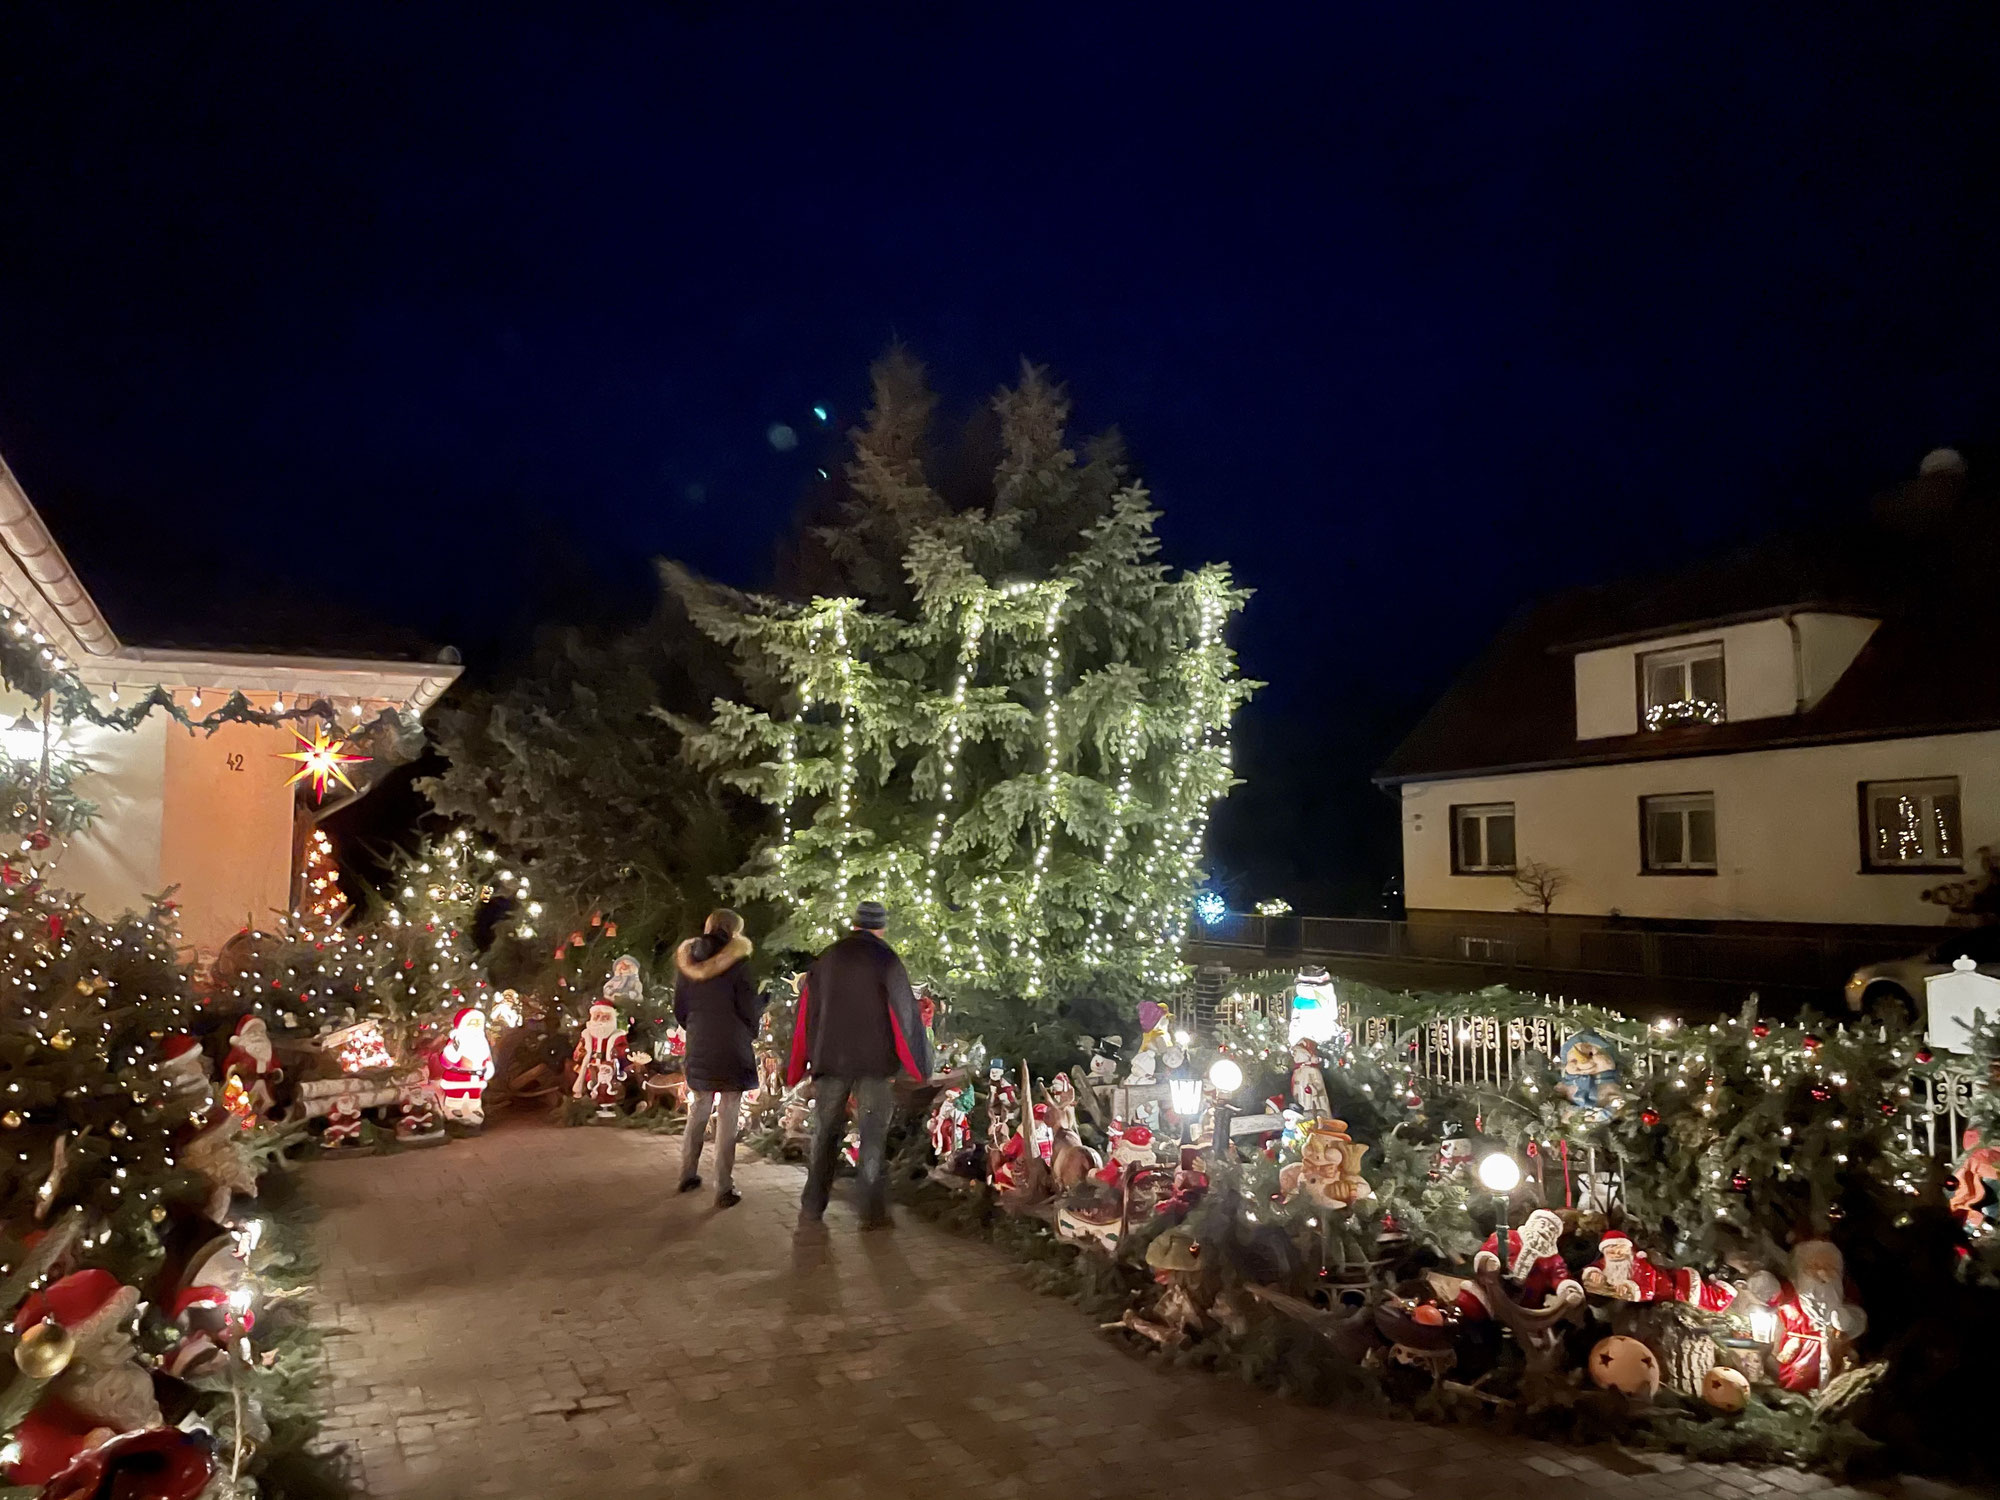 Der Weihnachts-Garten in Straupitz, Fitness-Update, Musikalische Grüße der Musikschule Luckau, Was ist ein Drehbaum?